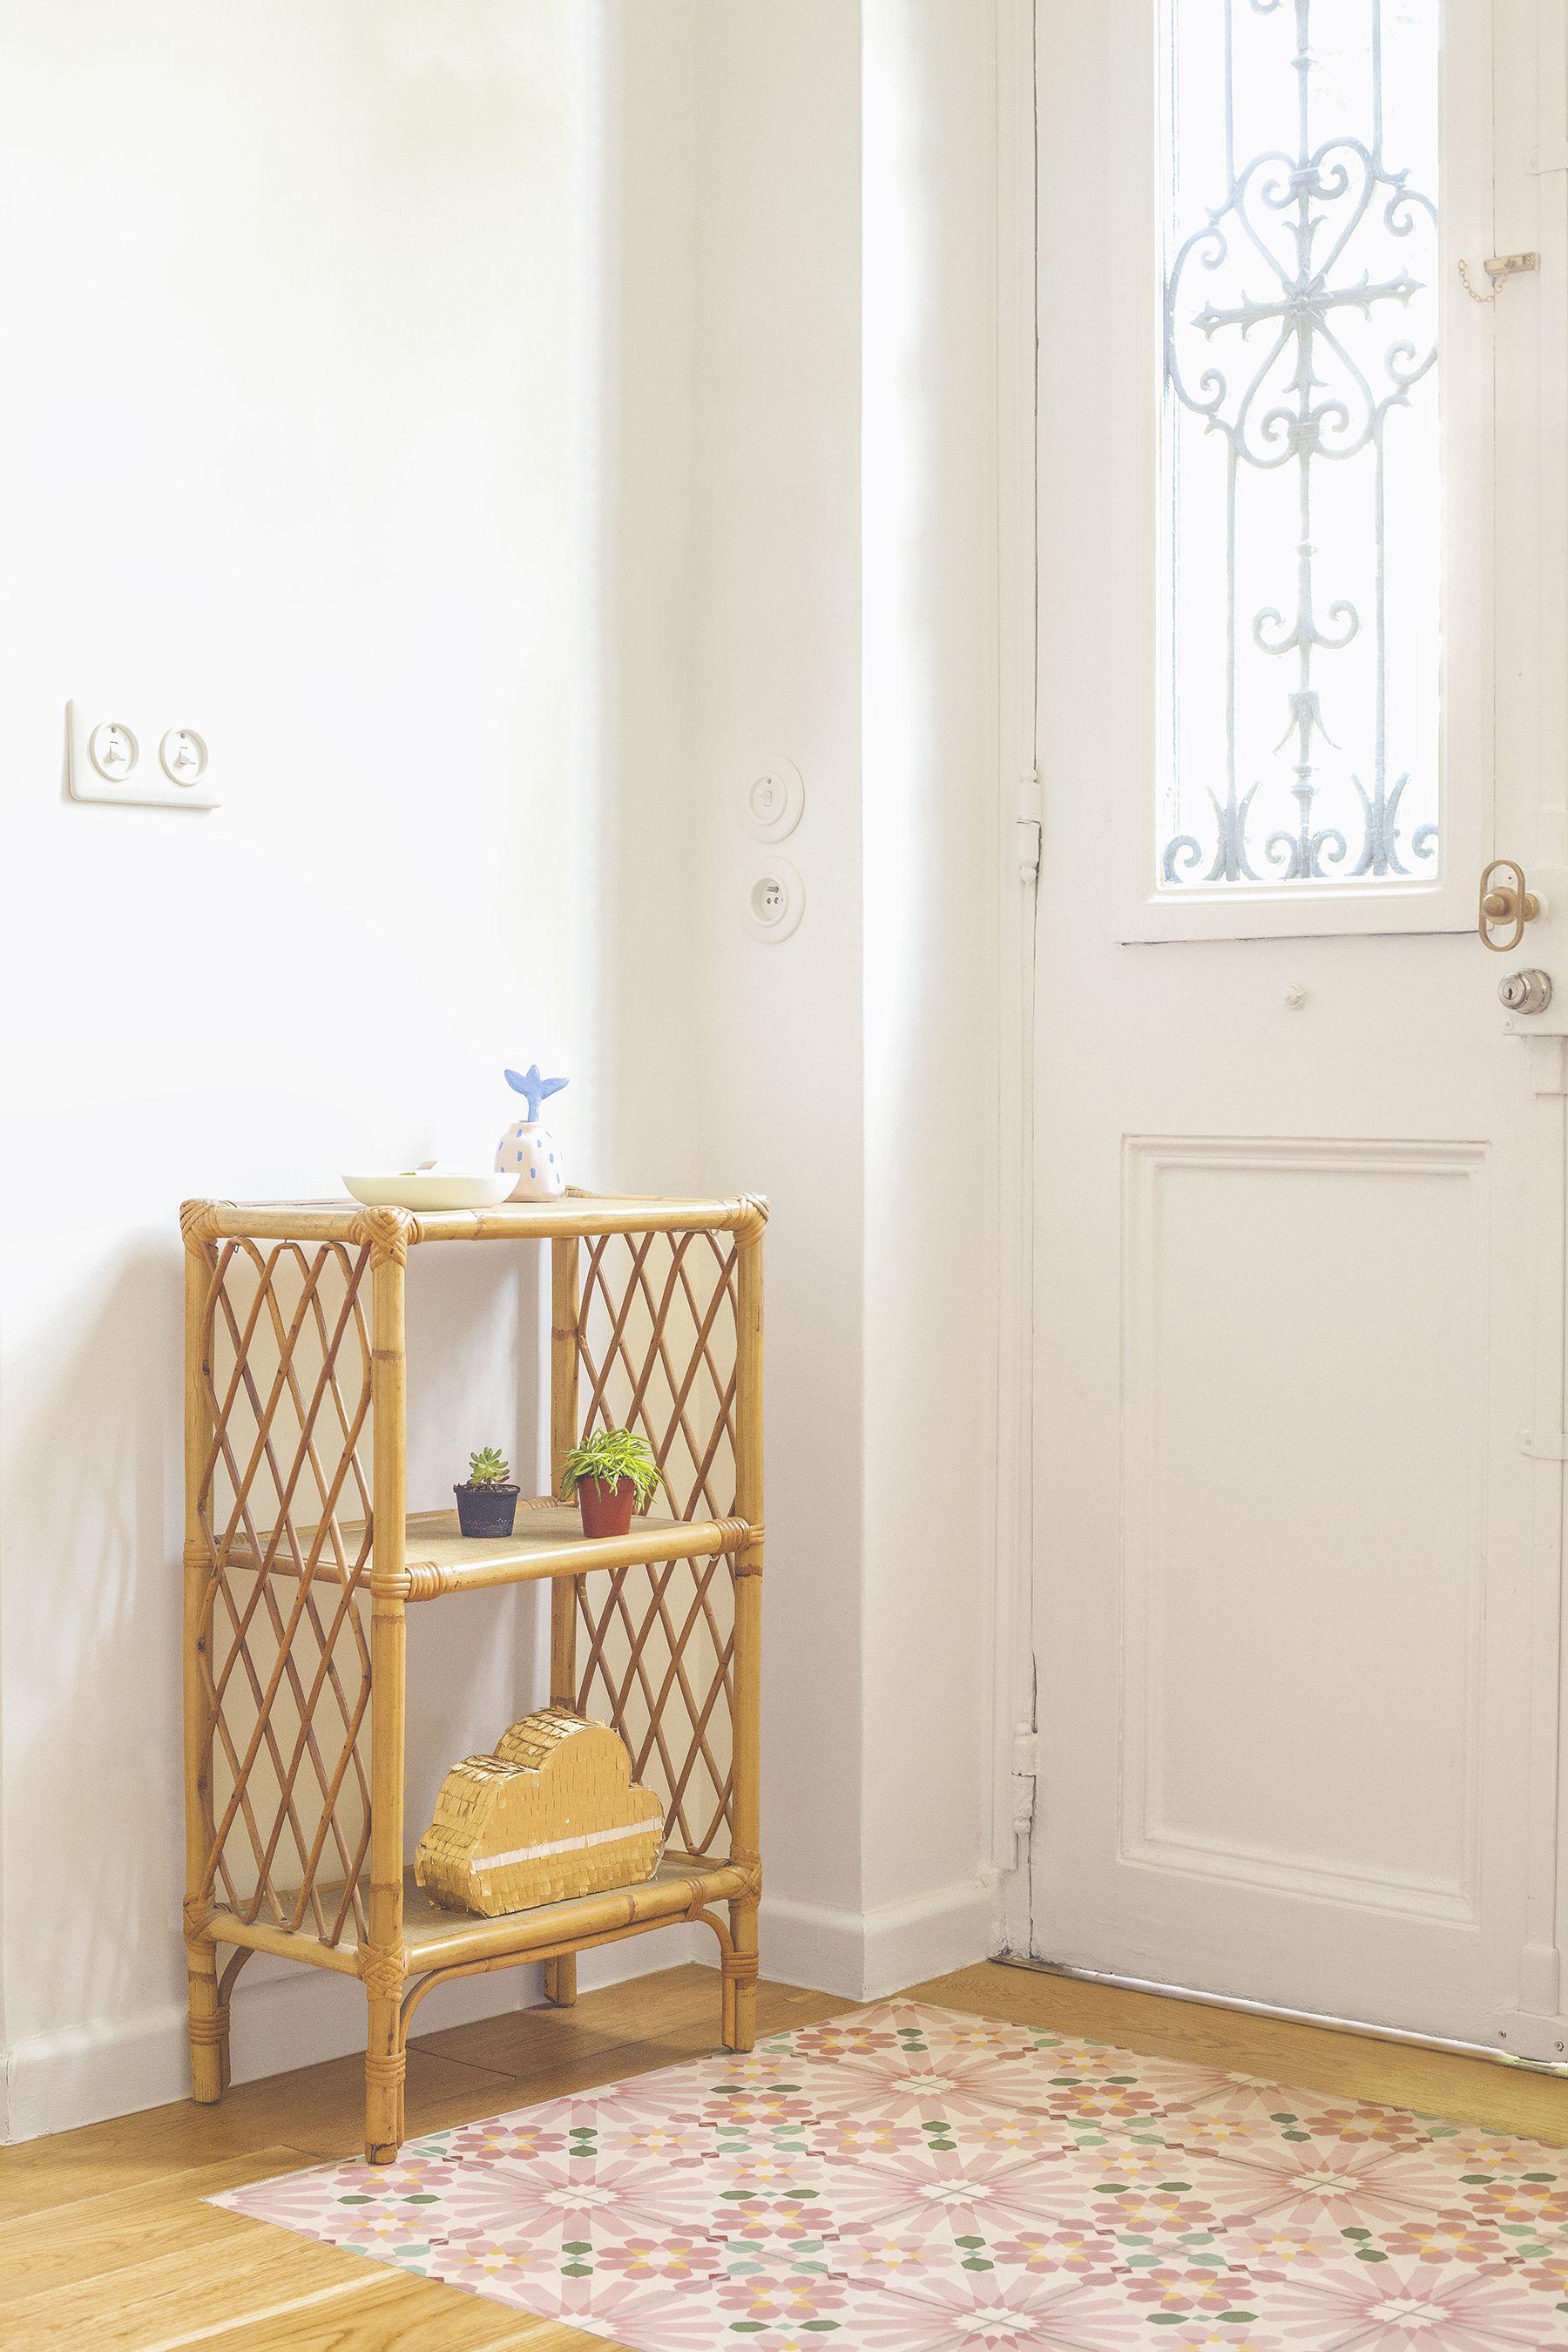 Rénovation maison ancienne Paris - Heju studio (avec images) | Rénovation maison, Deco ...